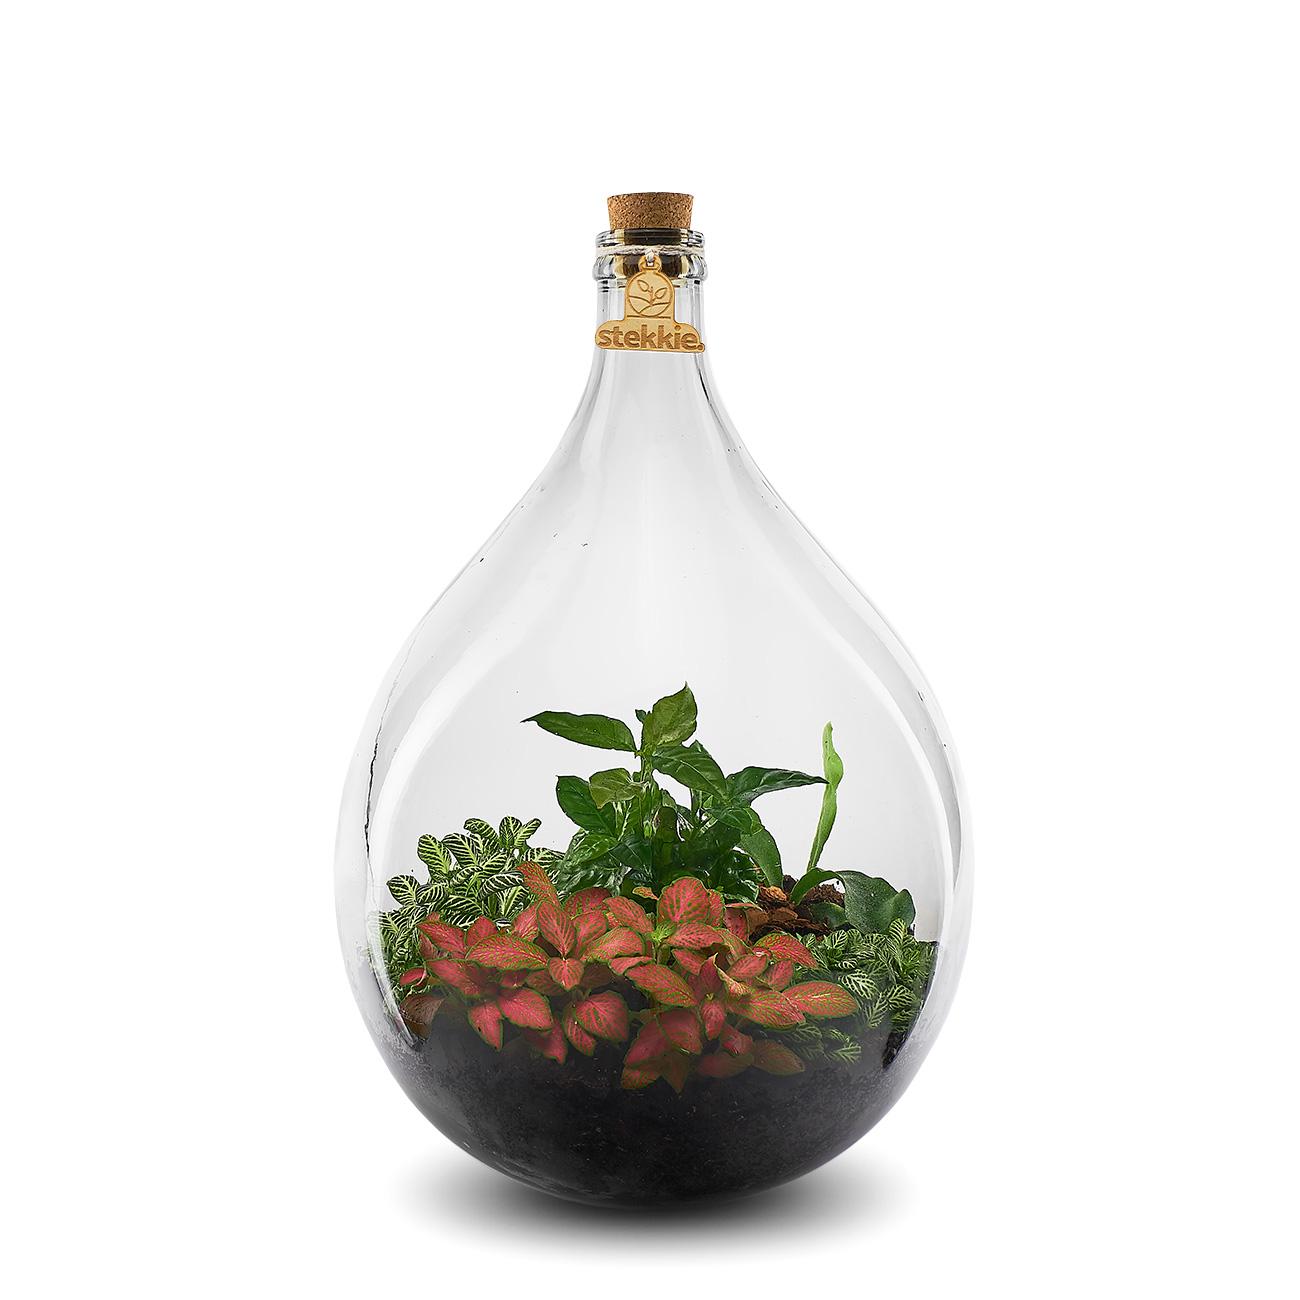 Stekkie Large mini-ecosysteem met rode accentkleur en koffieplant